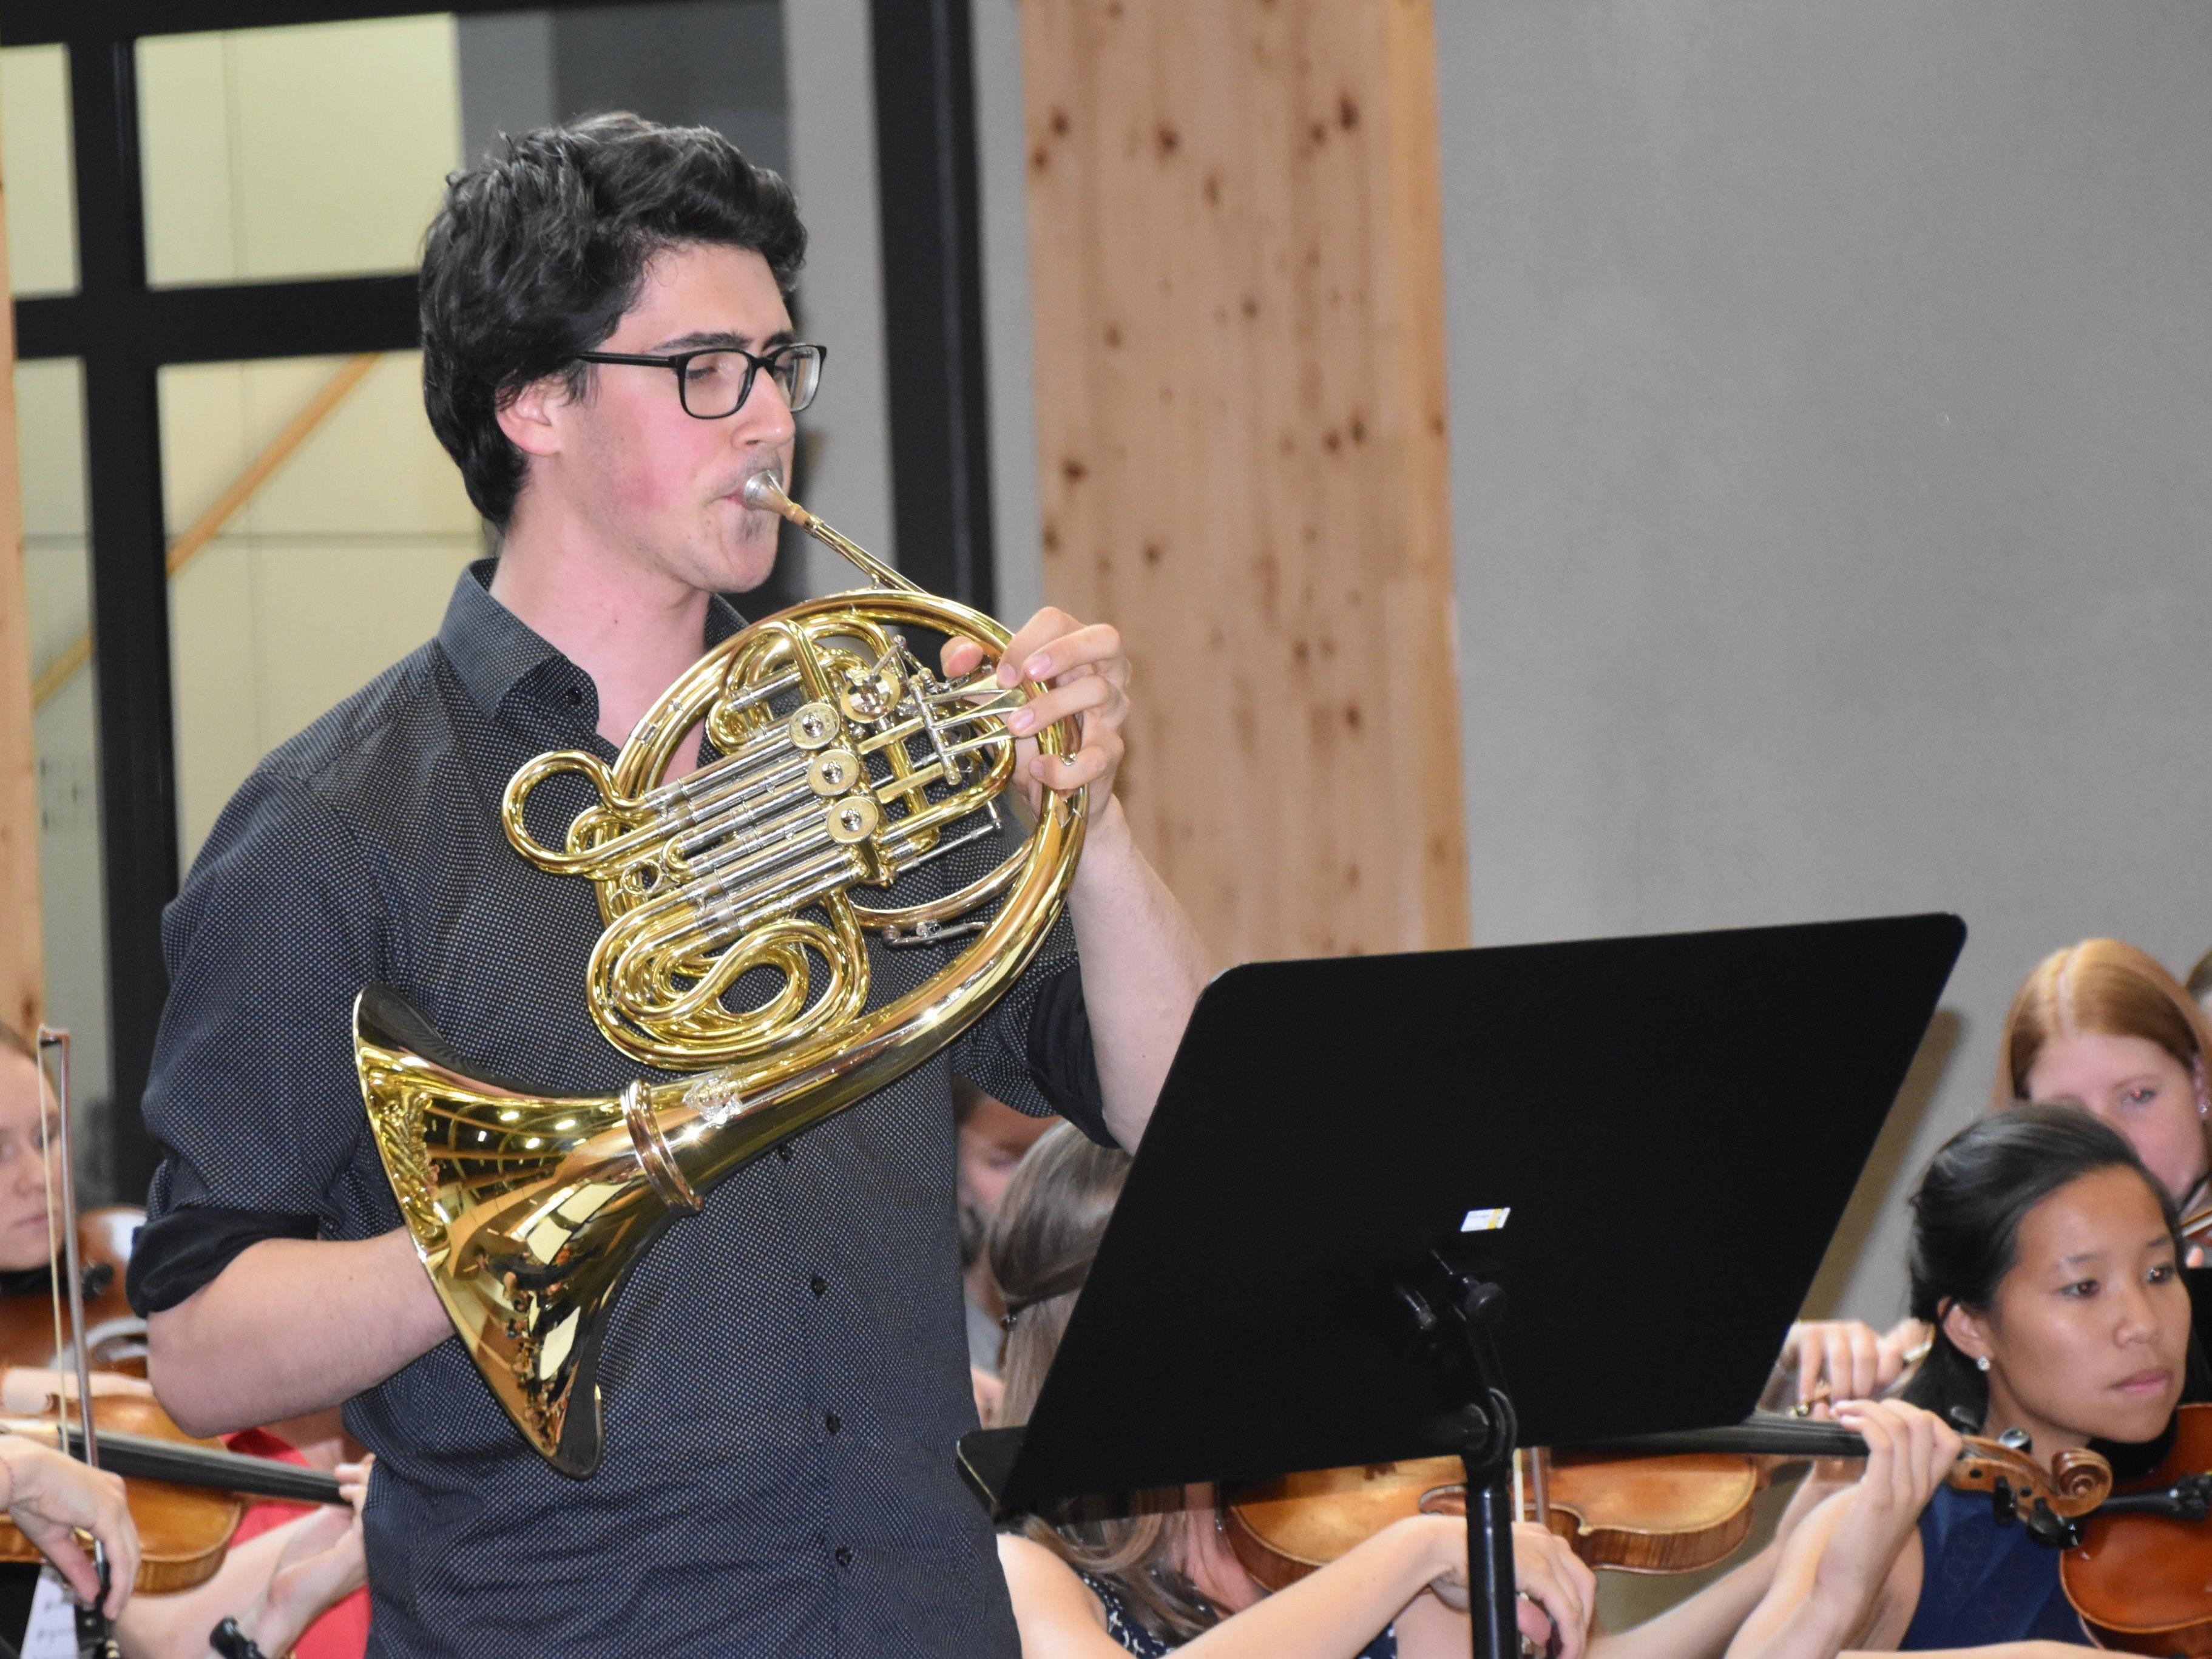 Solist Lukas Müller (Horn) aus Altach